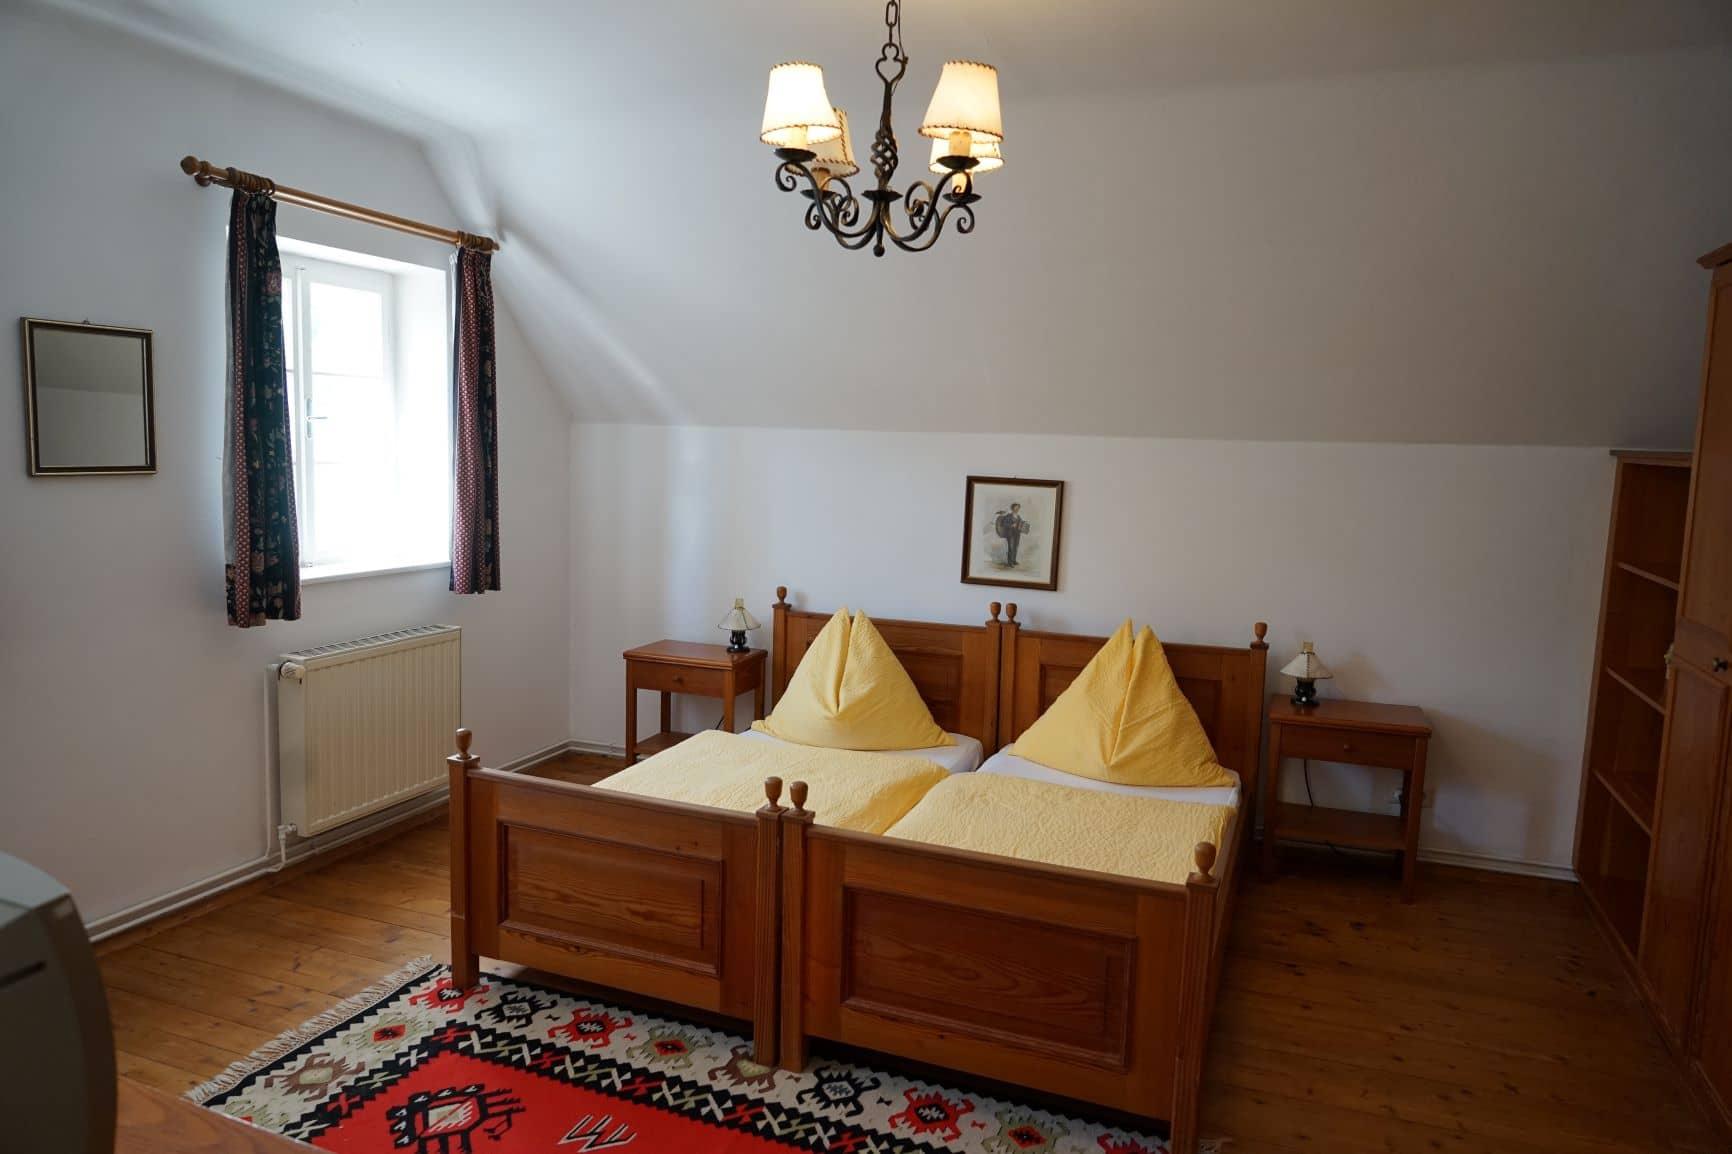 Apartment 11 - 1. Schlafzimmer